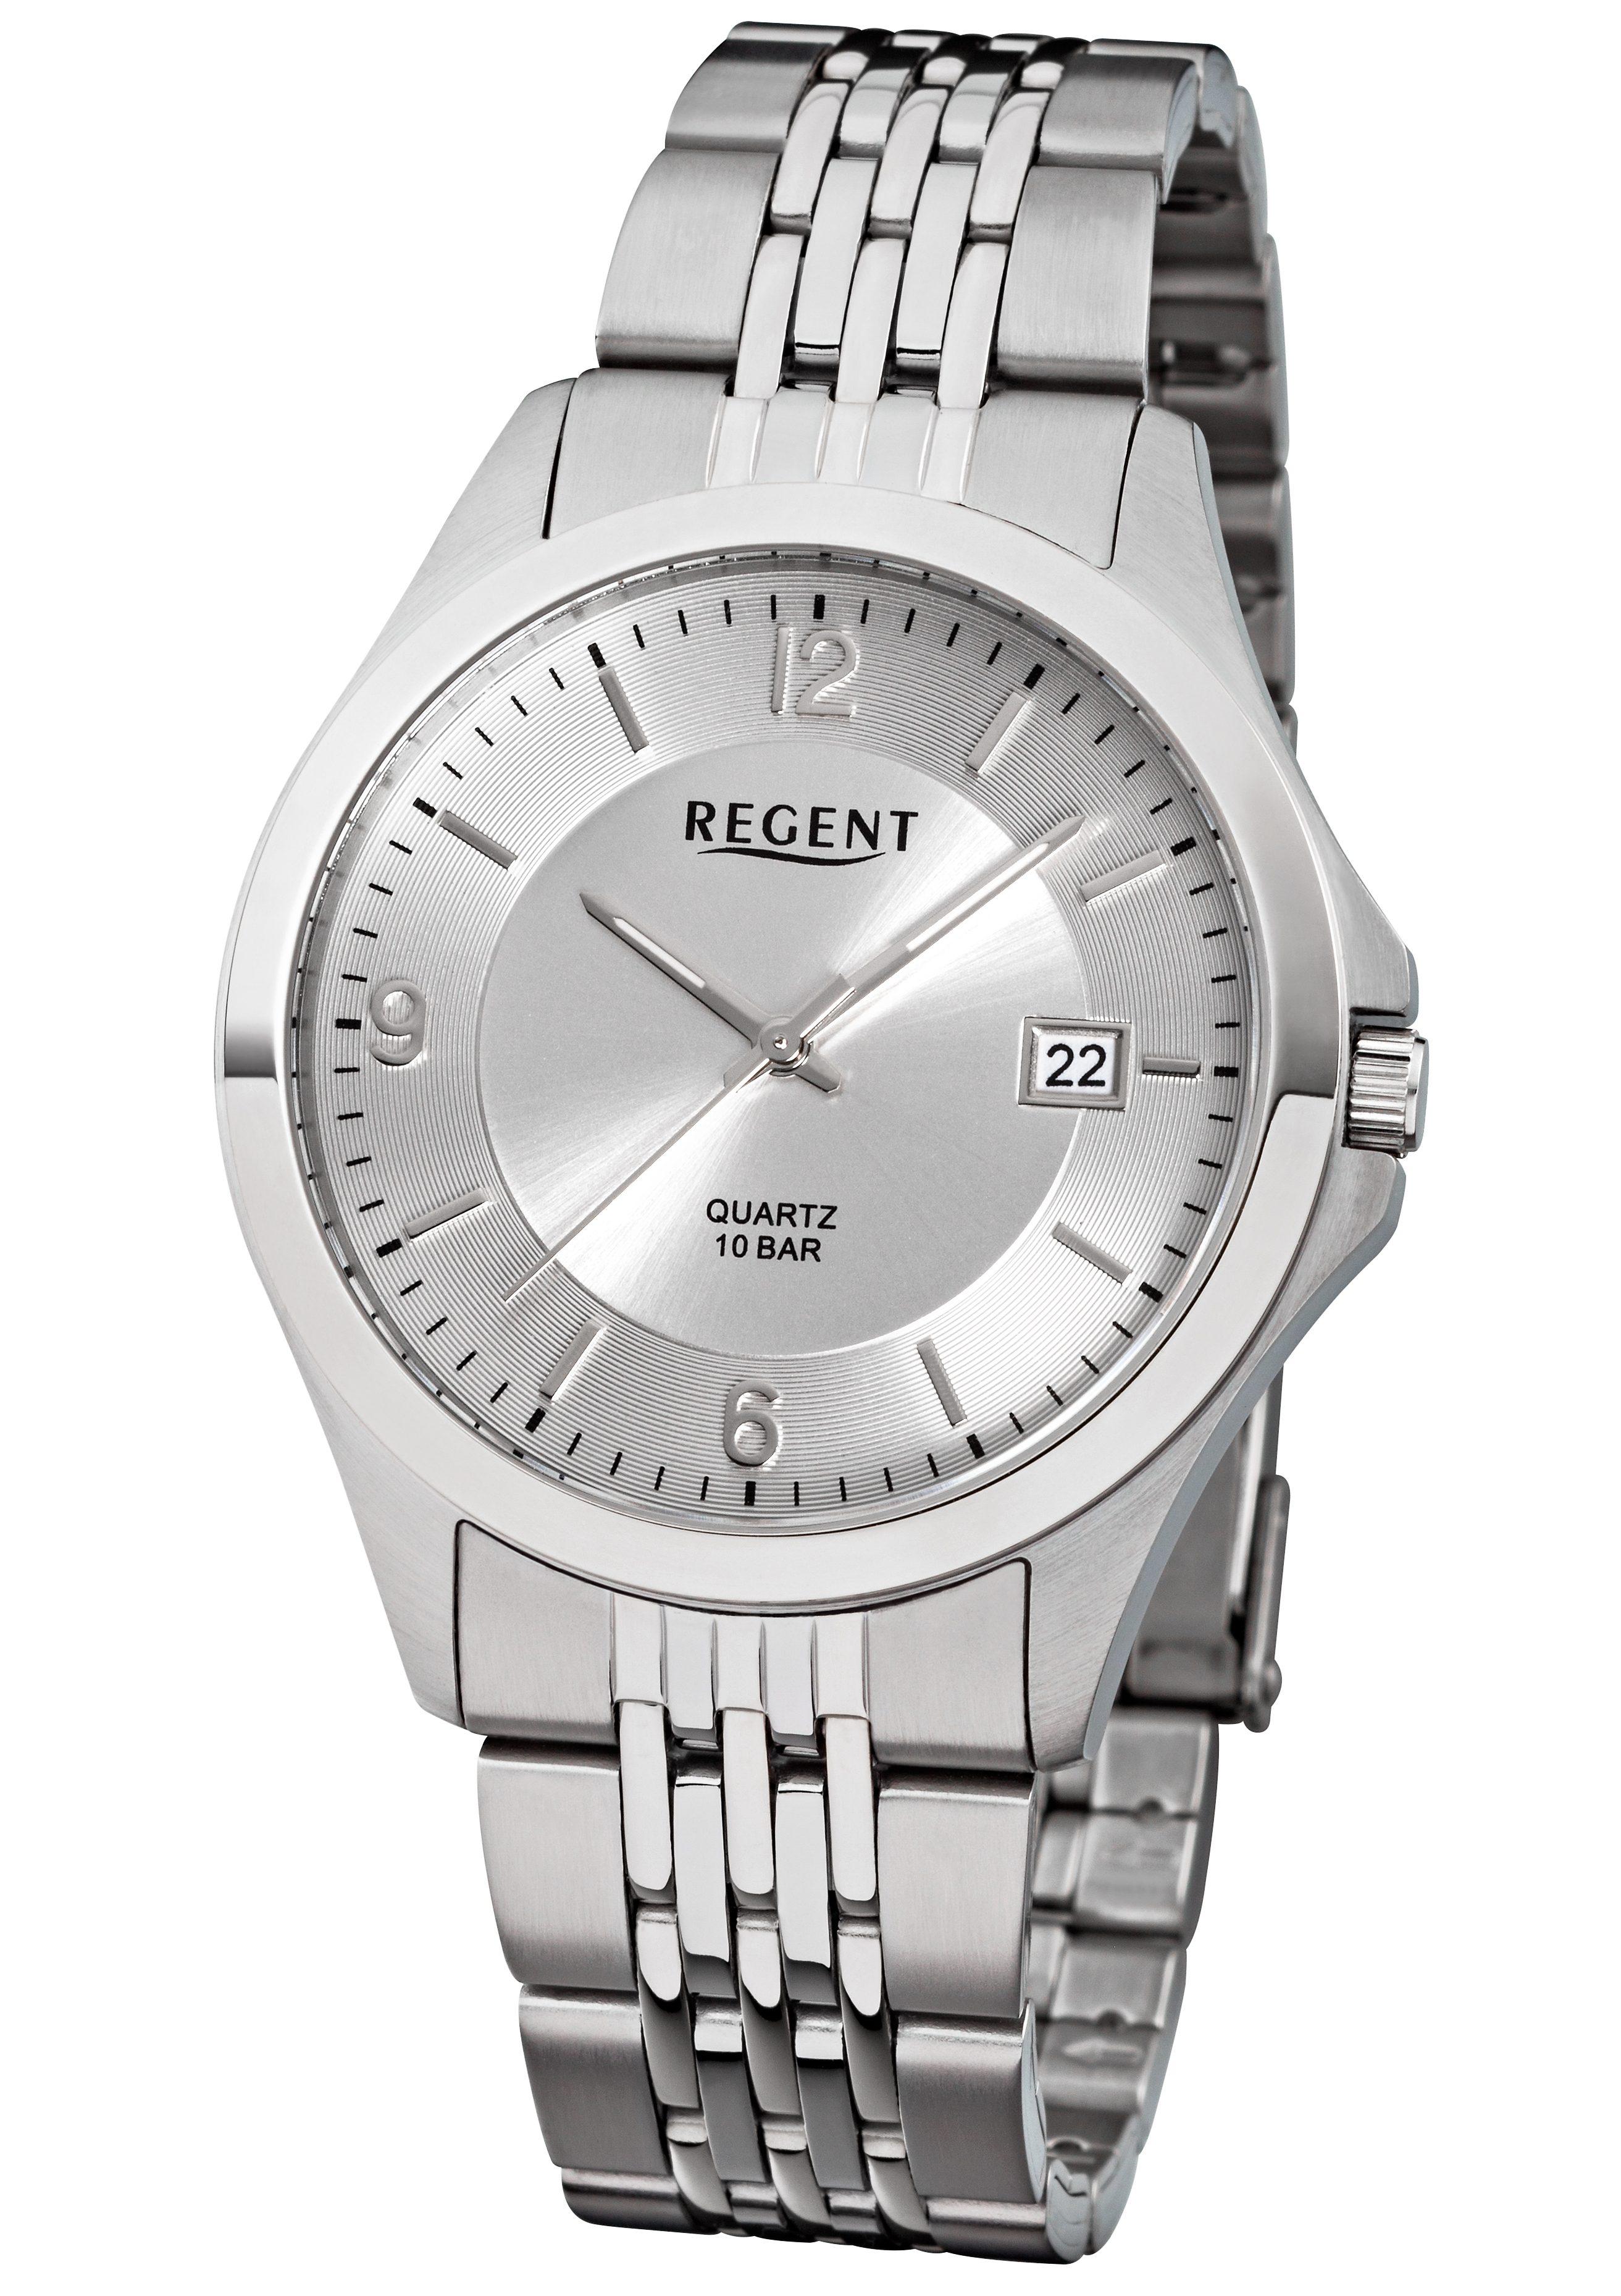 Regent Quarzuhr »11150570 - F919«